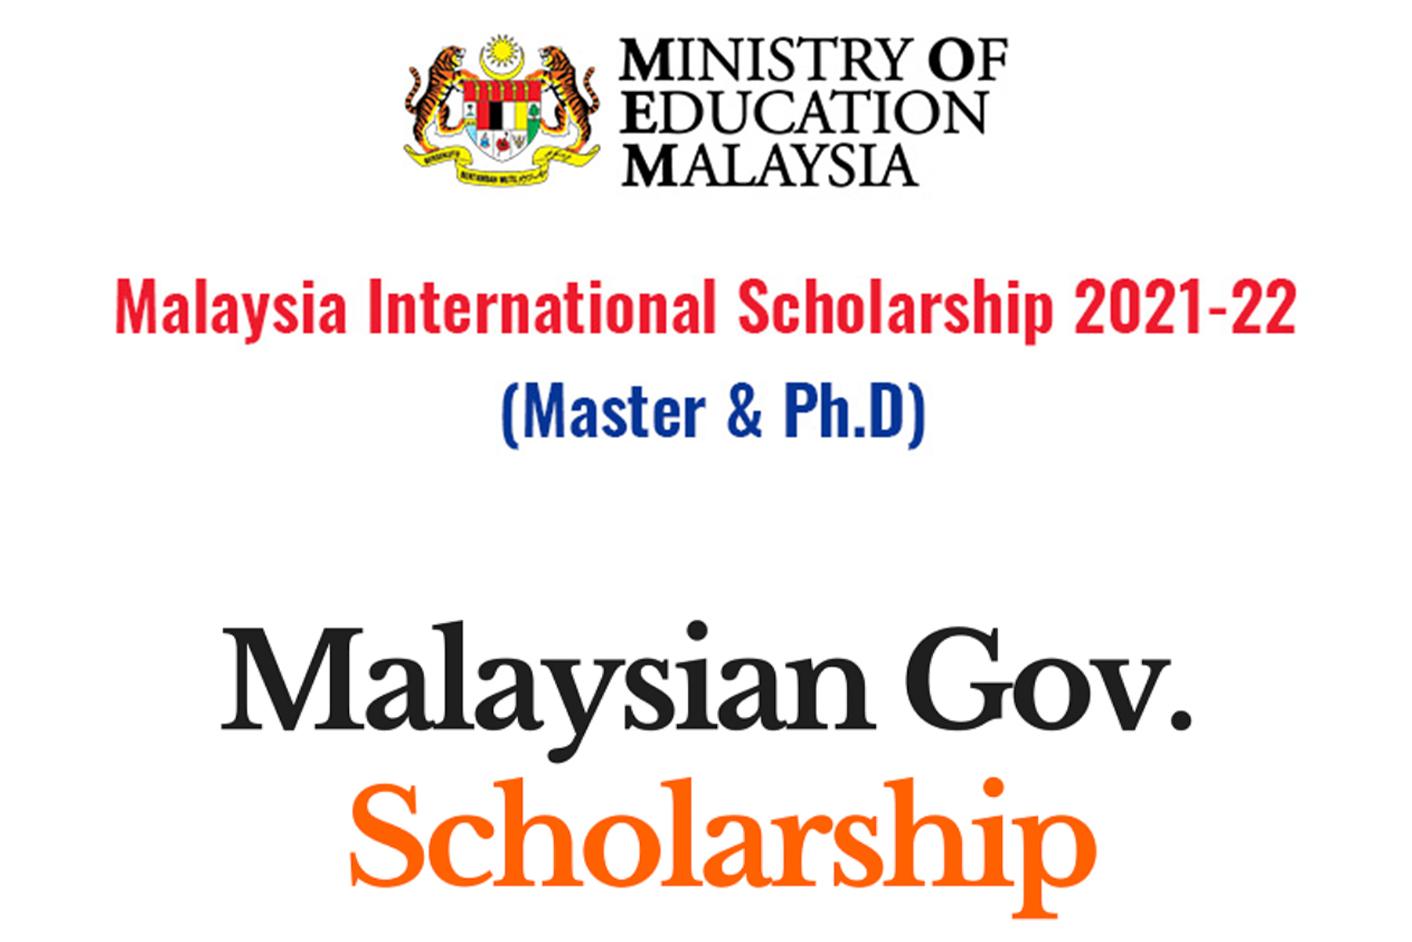 MALAYSIAN UNIVERSITIES AND SCHOLARSHIP